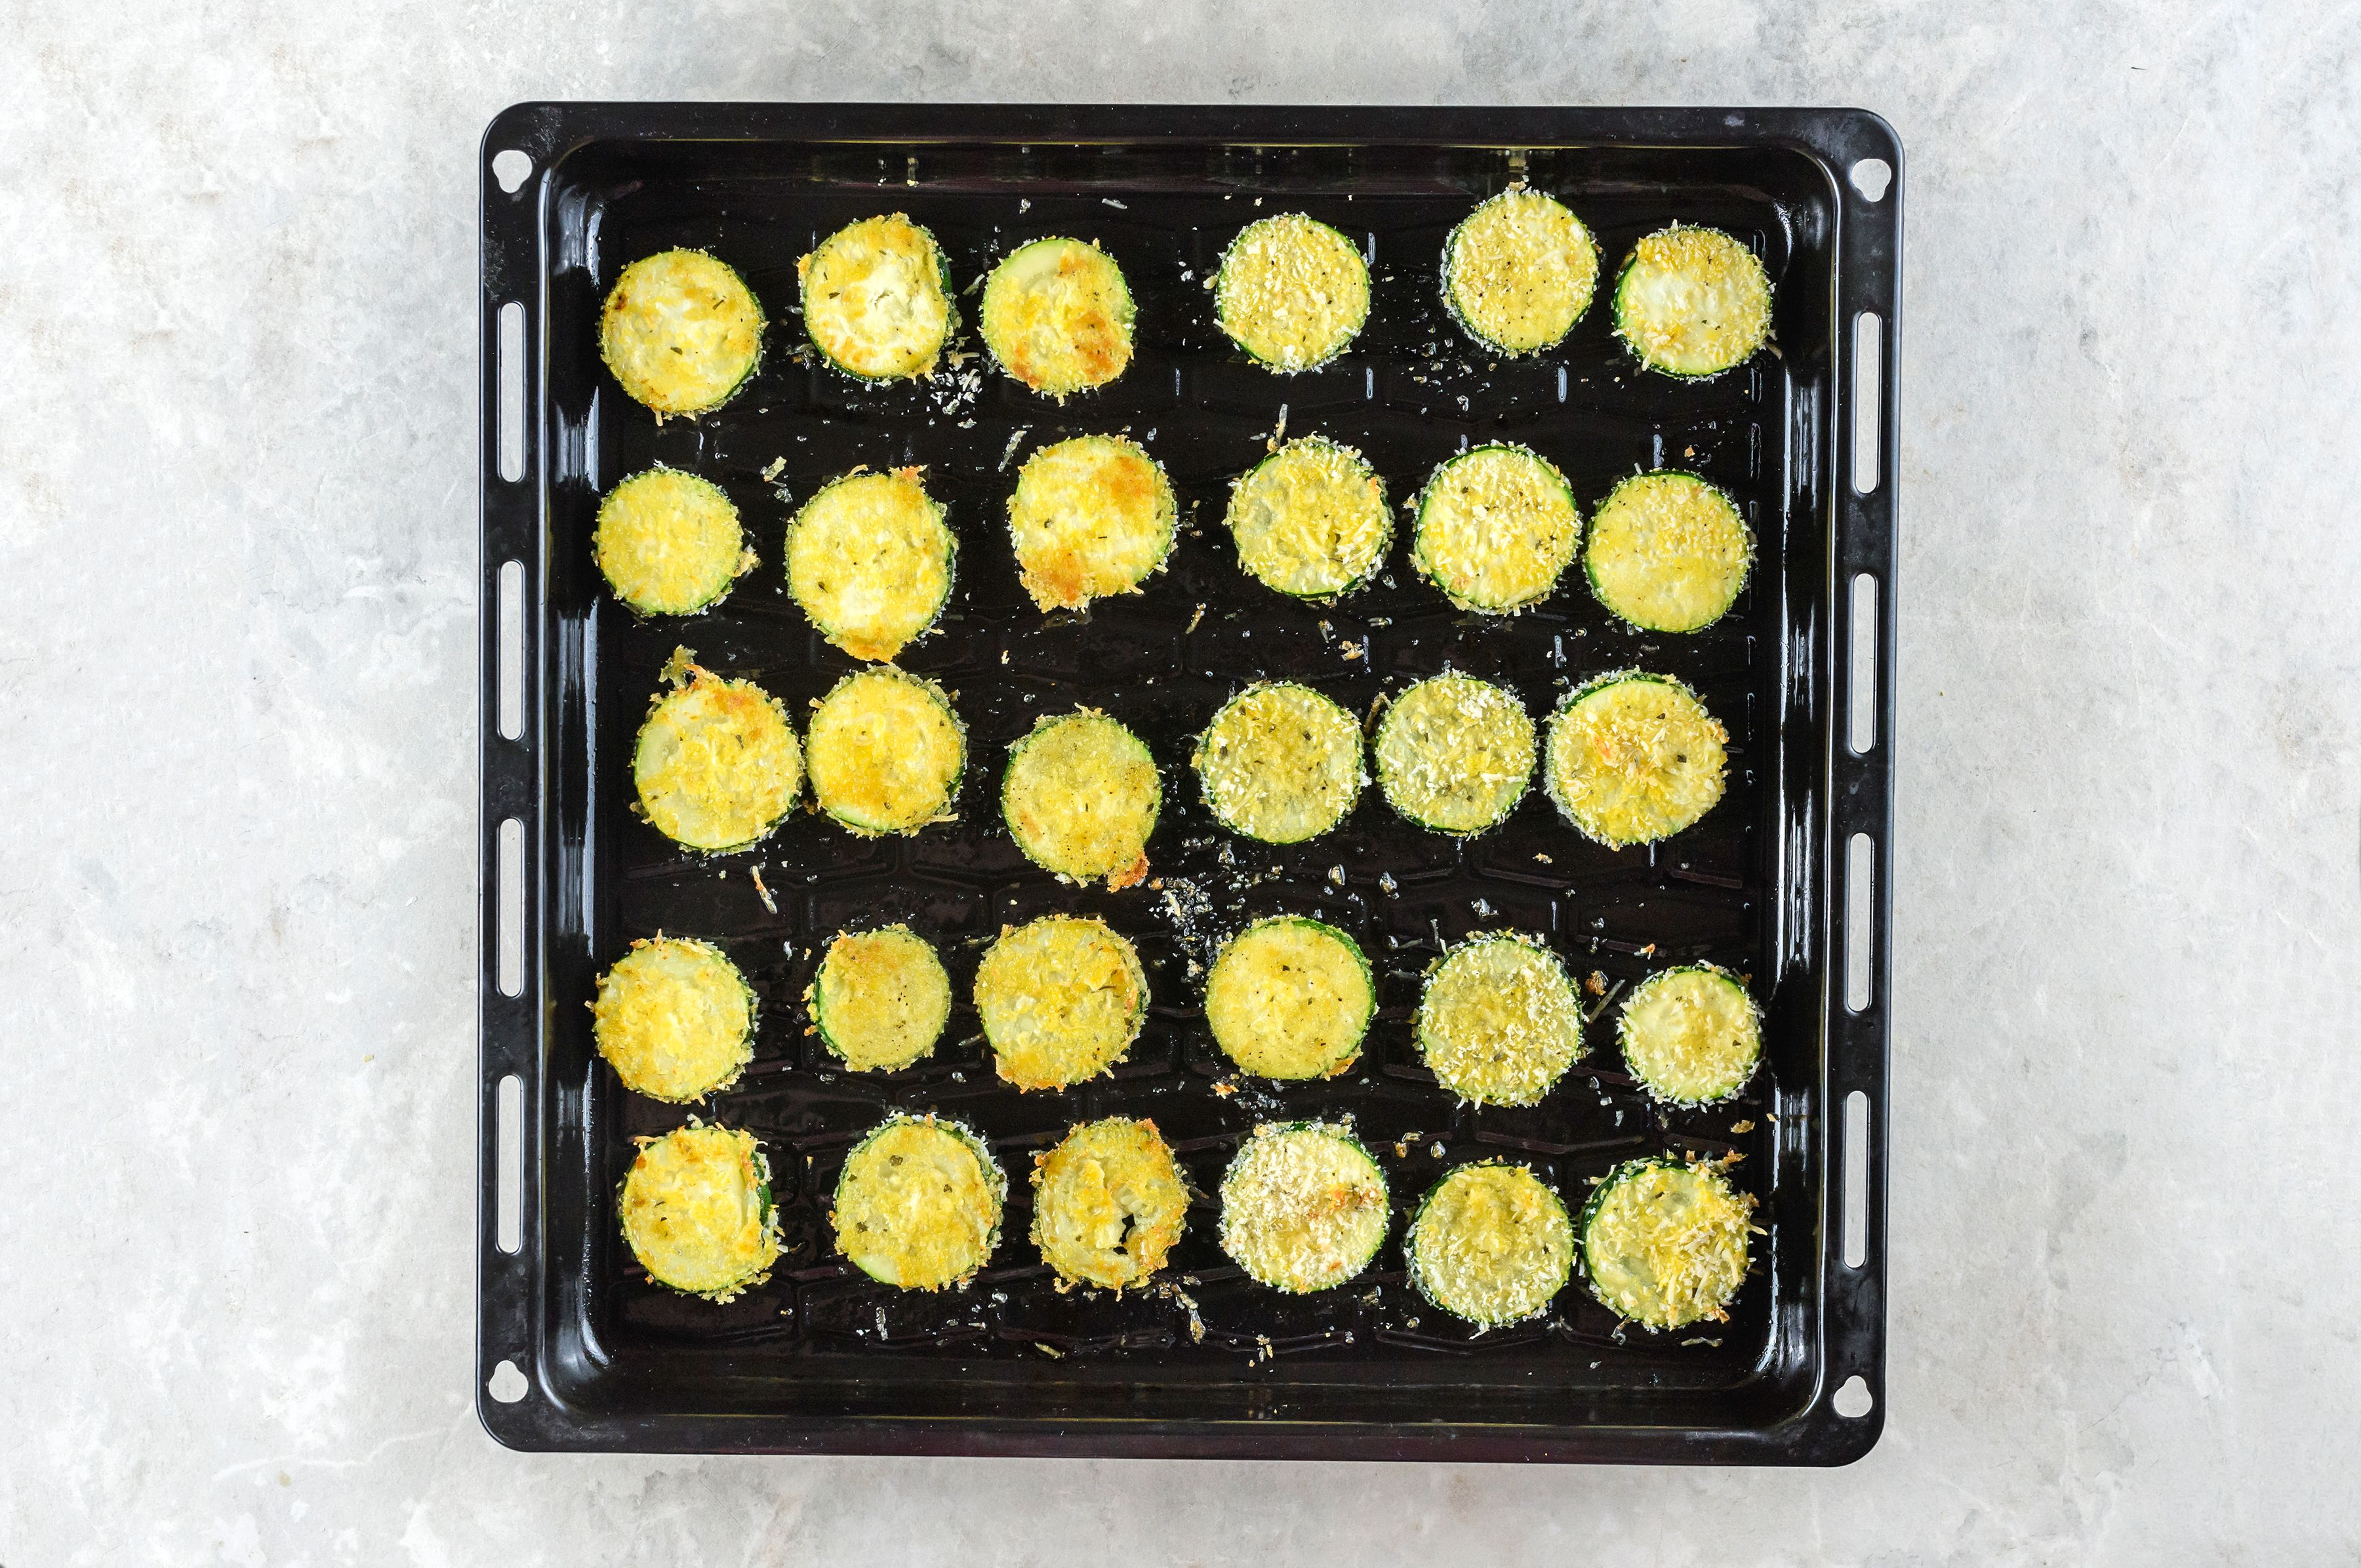 Bake zucchini